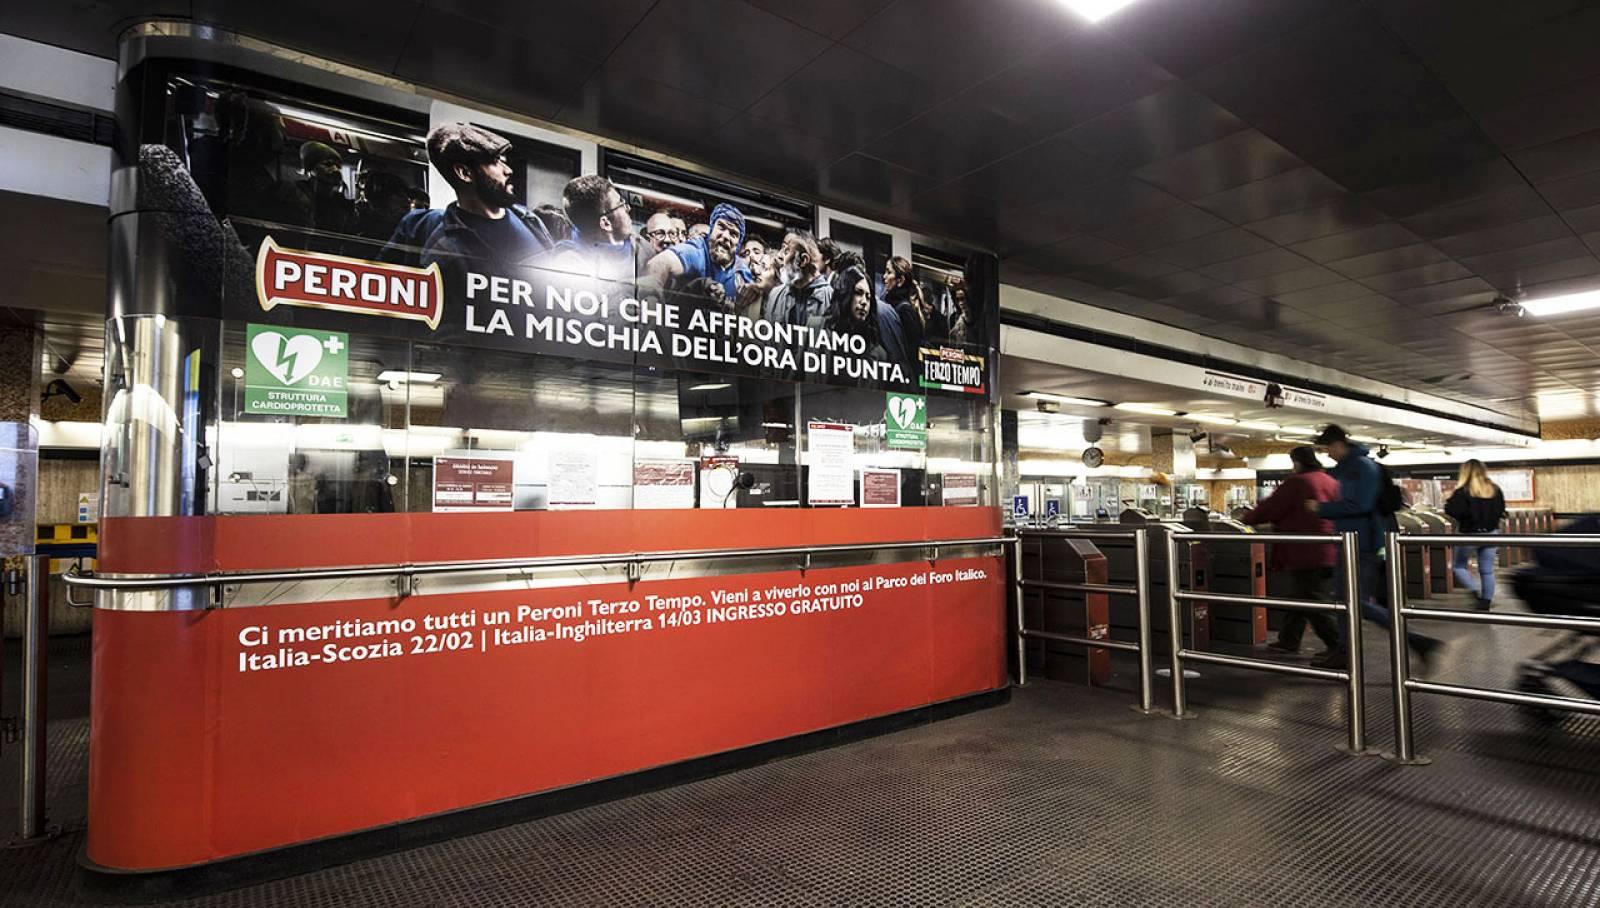 Pubblicità in metropolitana IGPDecaux a Roma Station Domination per Peroni